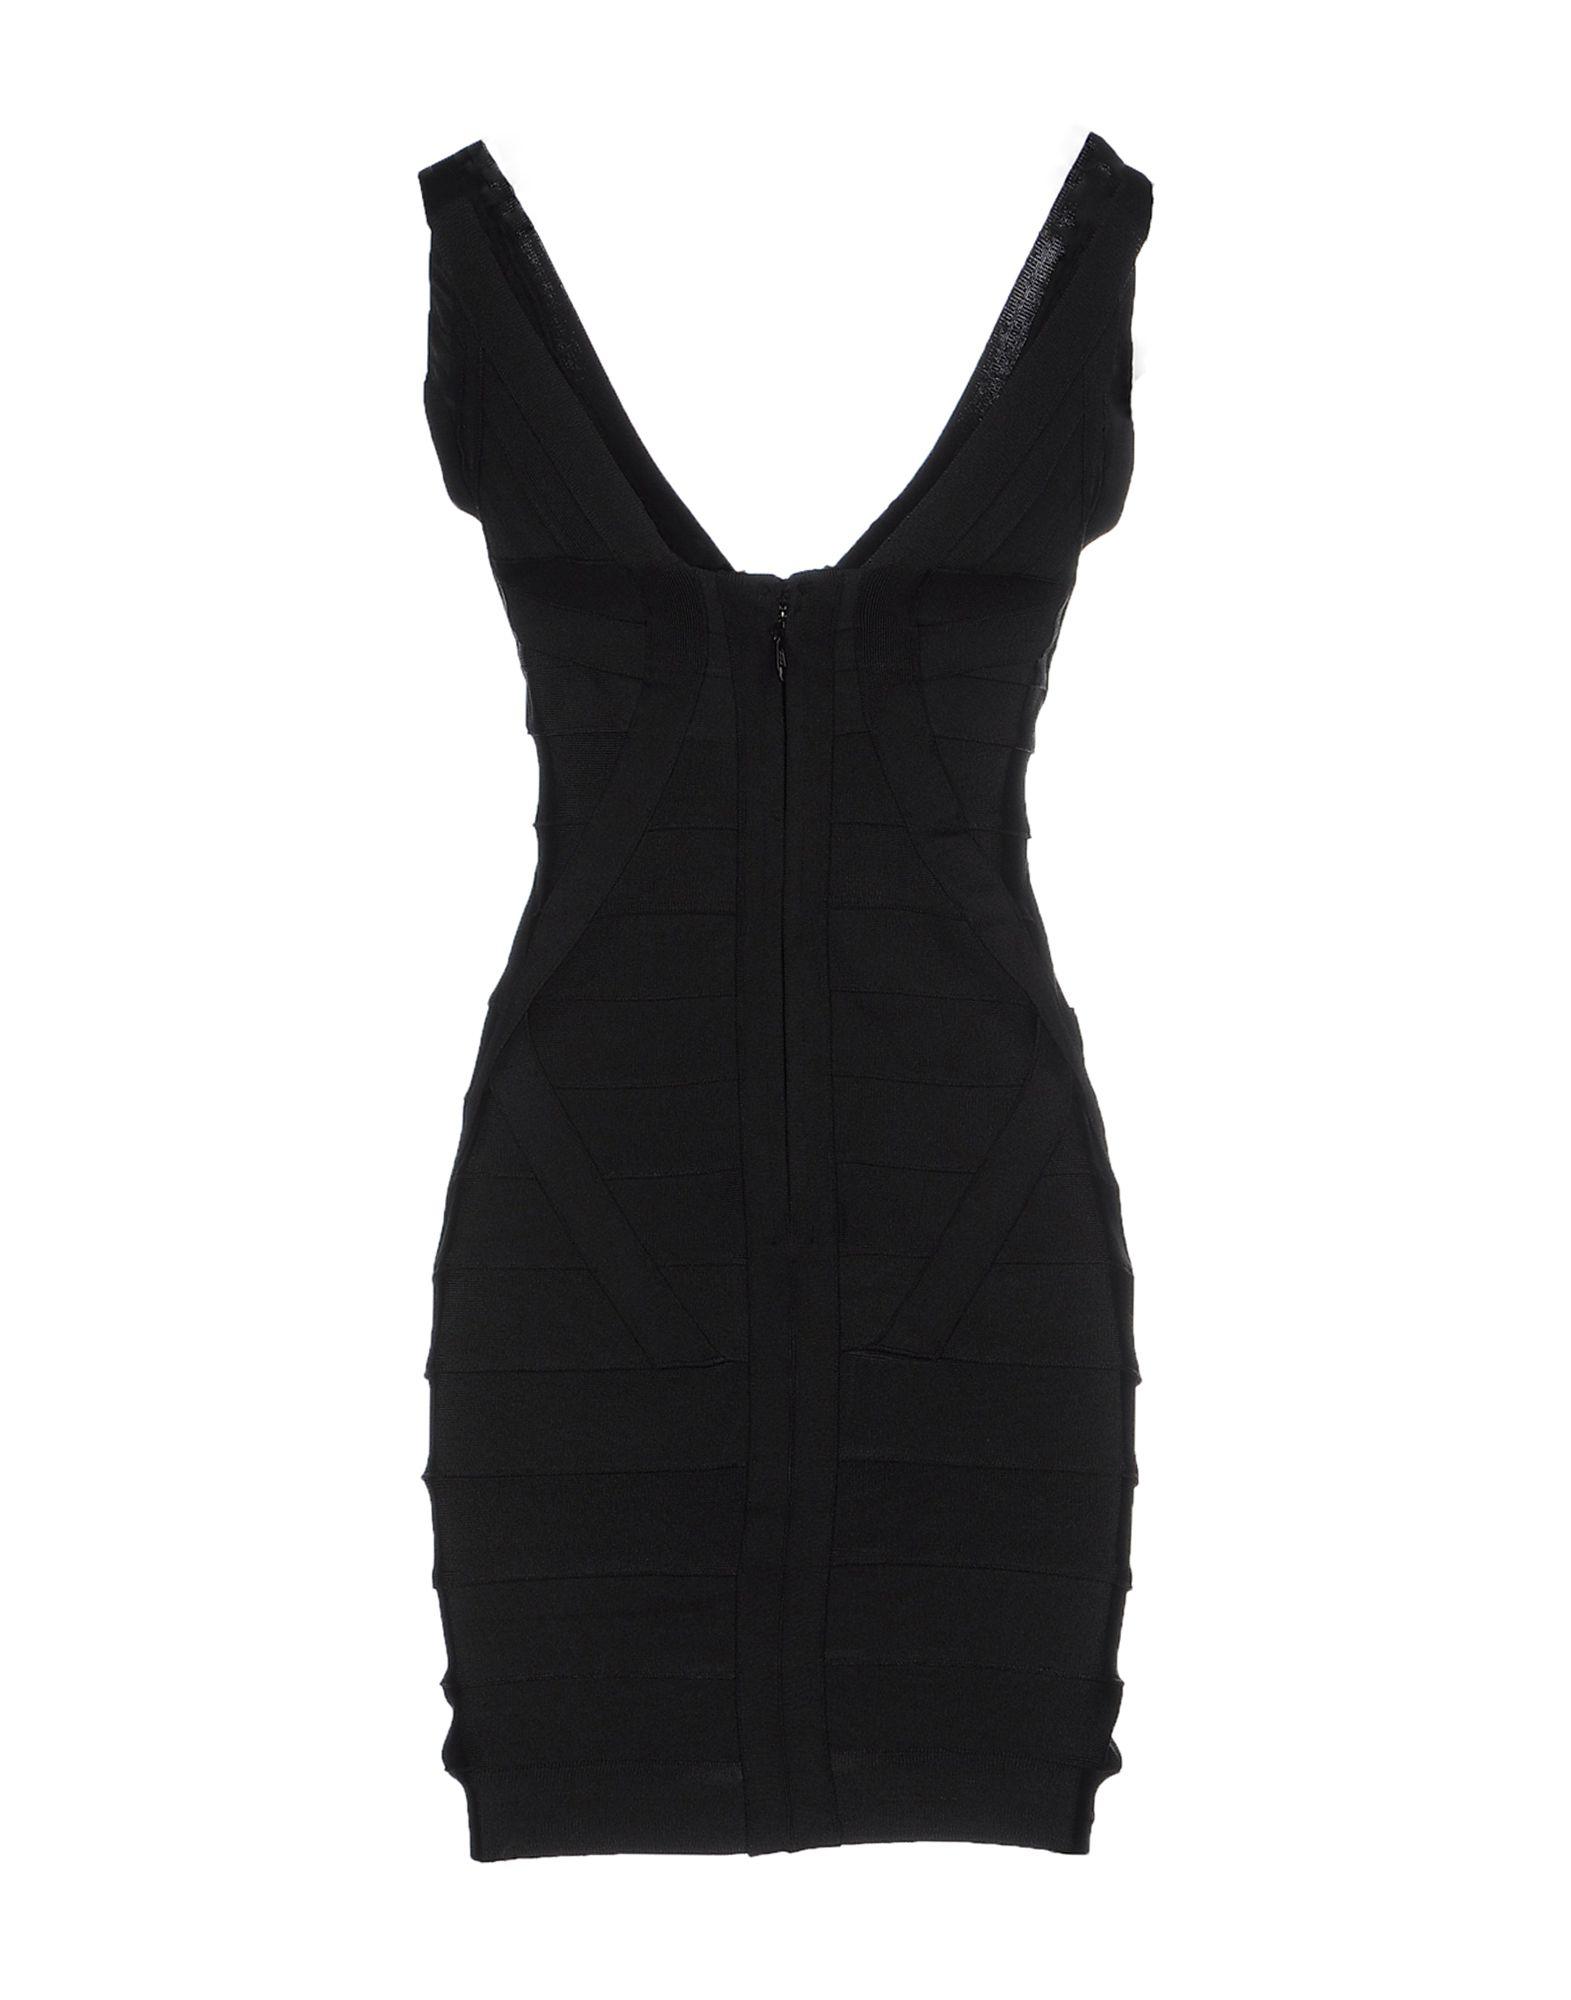 DRESSES - Short dresses Autour De Moi 4VHRK